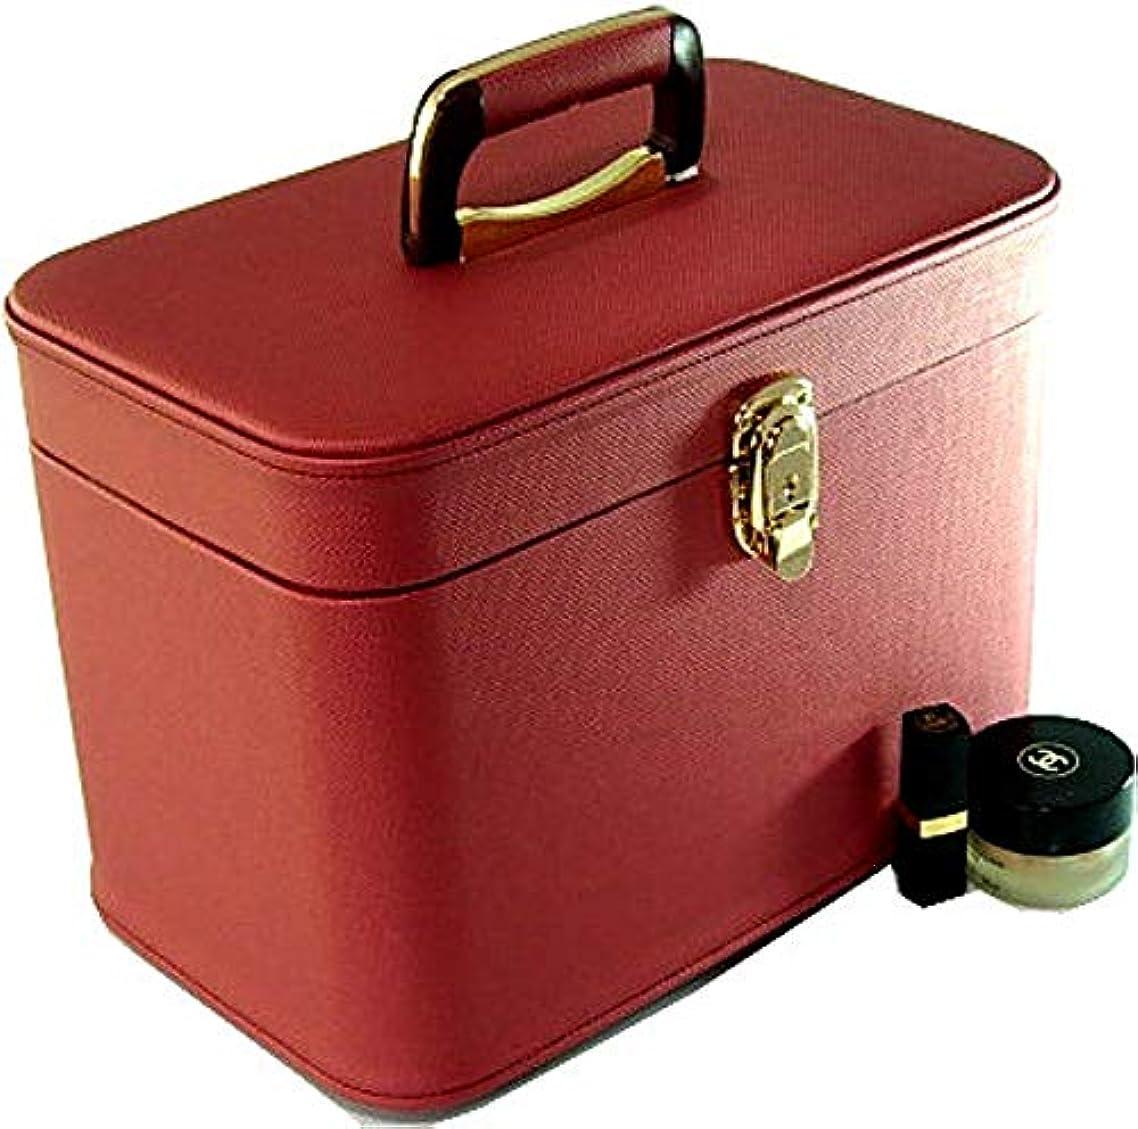 時刻表大声で牽引メイクボックス コスメボックス トリプルG2 33cm ヨコパールワイン 日本製,メイクアップボックス,トレンチケース,お化粧入れ,化粧雑貨,メーキャップボックス,化粧箱,かわいい,メイク道具箱,メイク雑貨,化粧ボックス